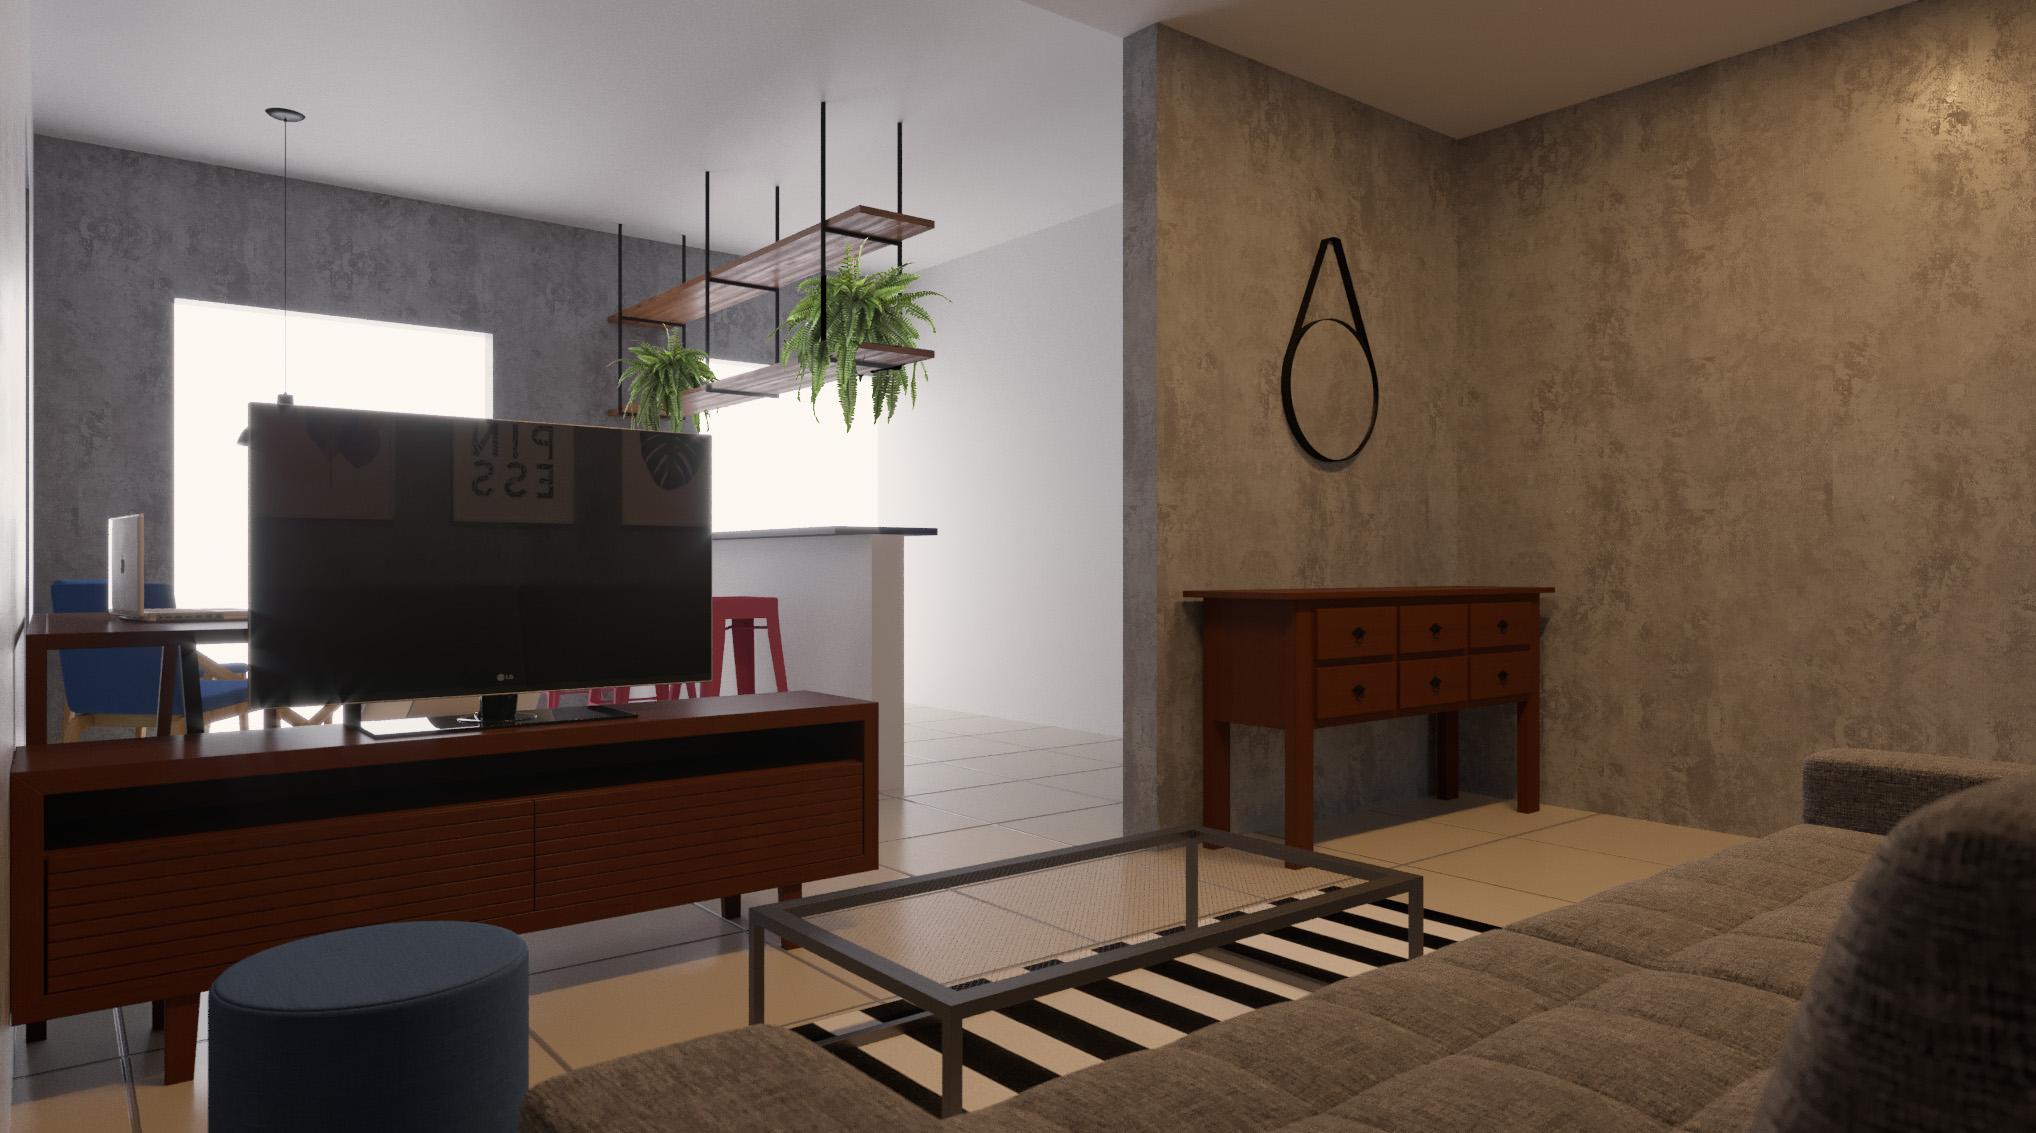 Sala Integrada estilo Divertido Industrial